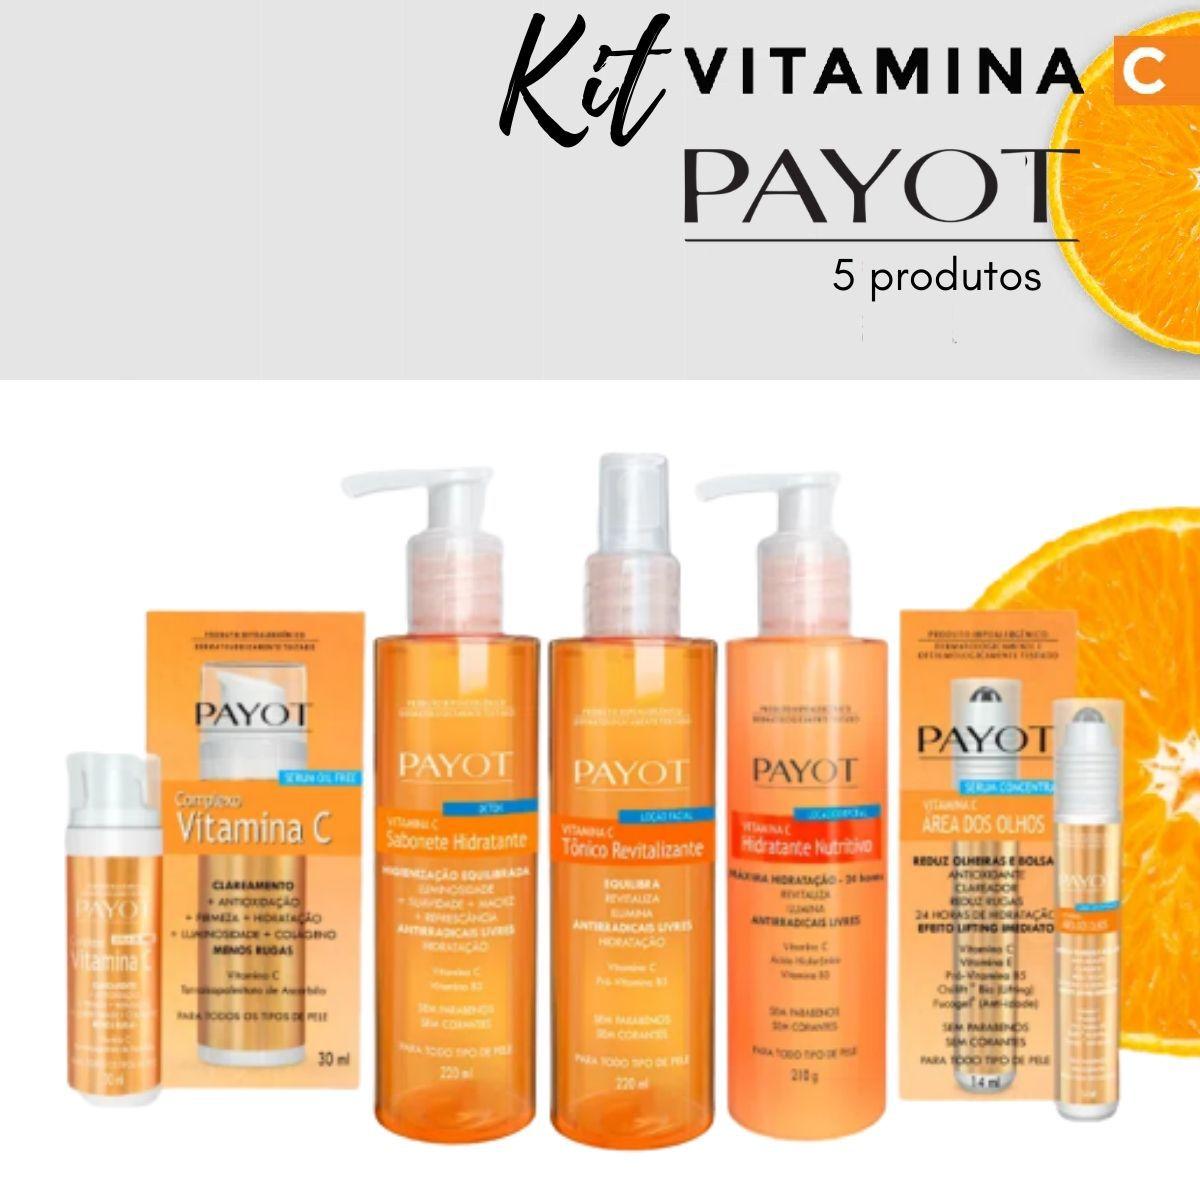 Kit Família Vitamina C - Payot  (5 produtos)